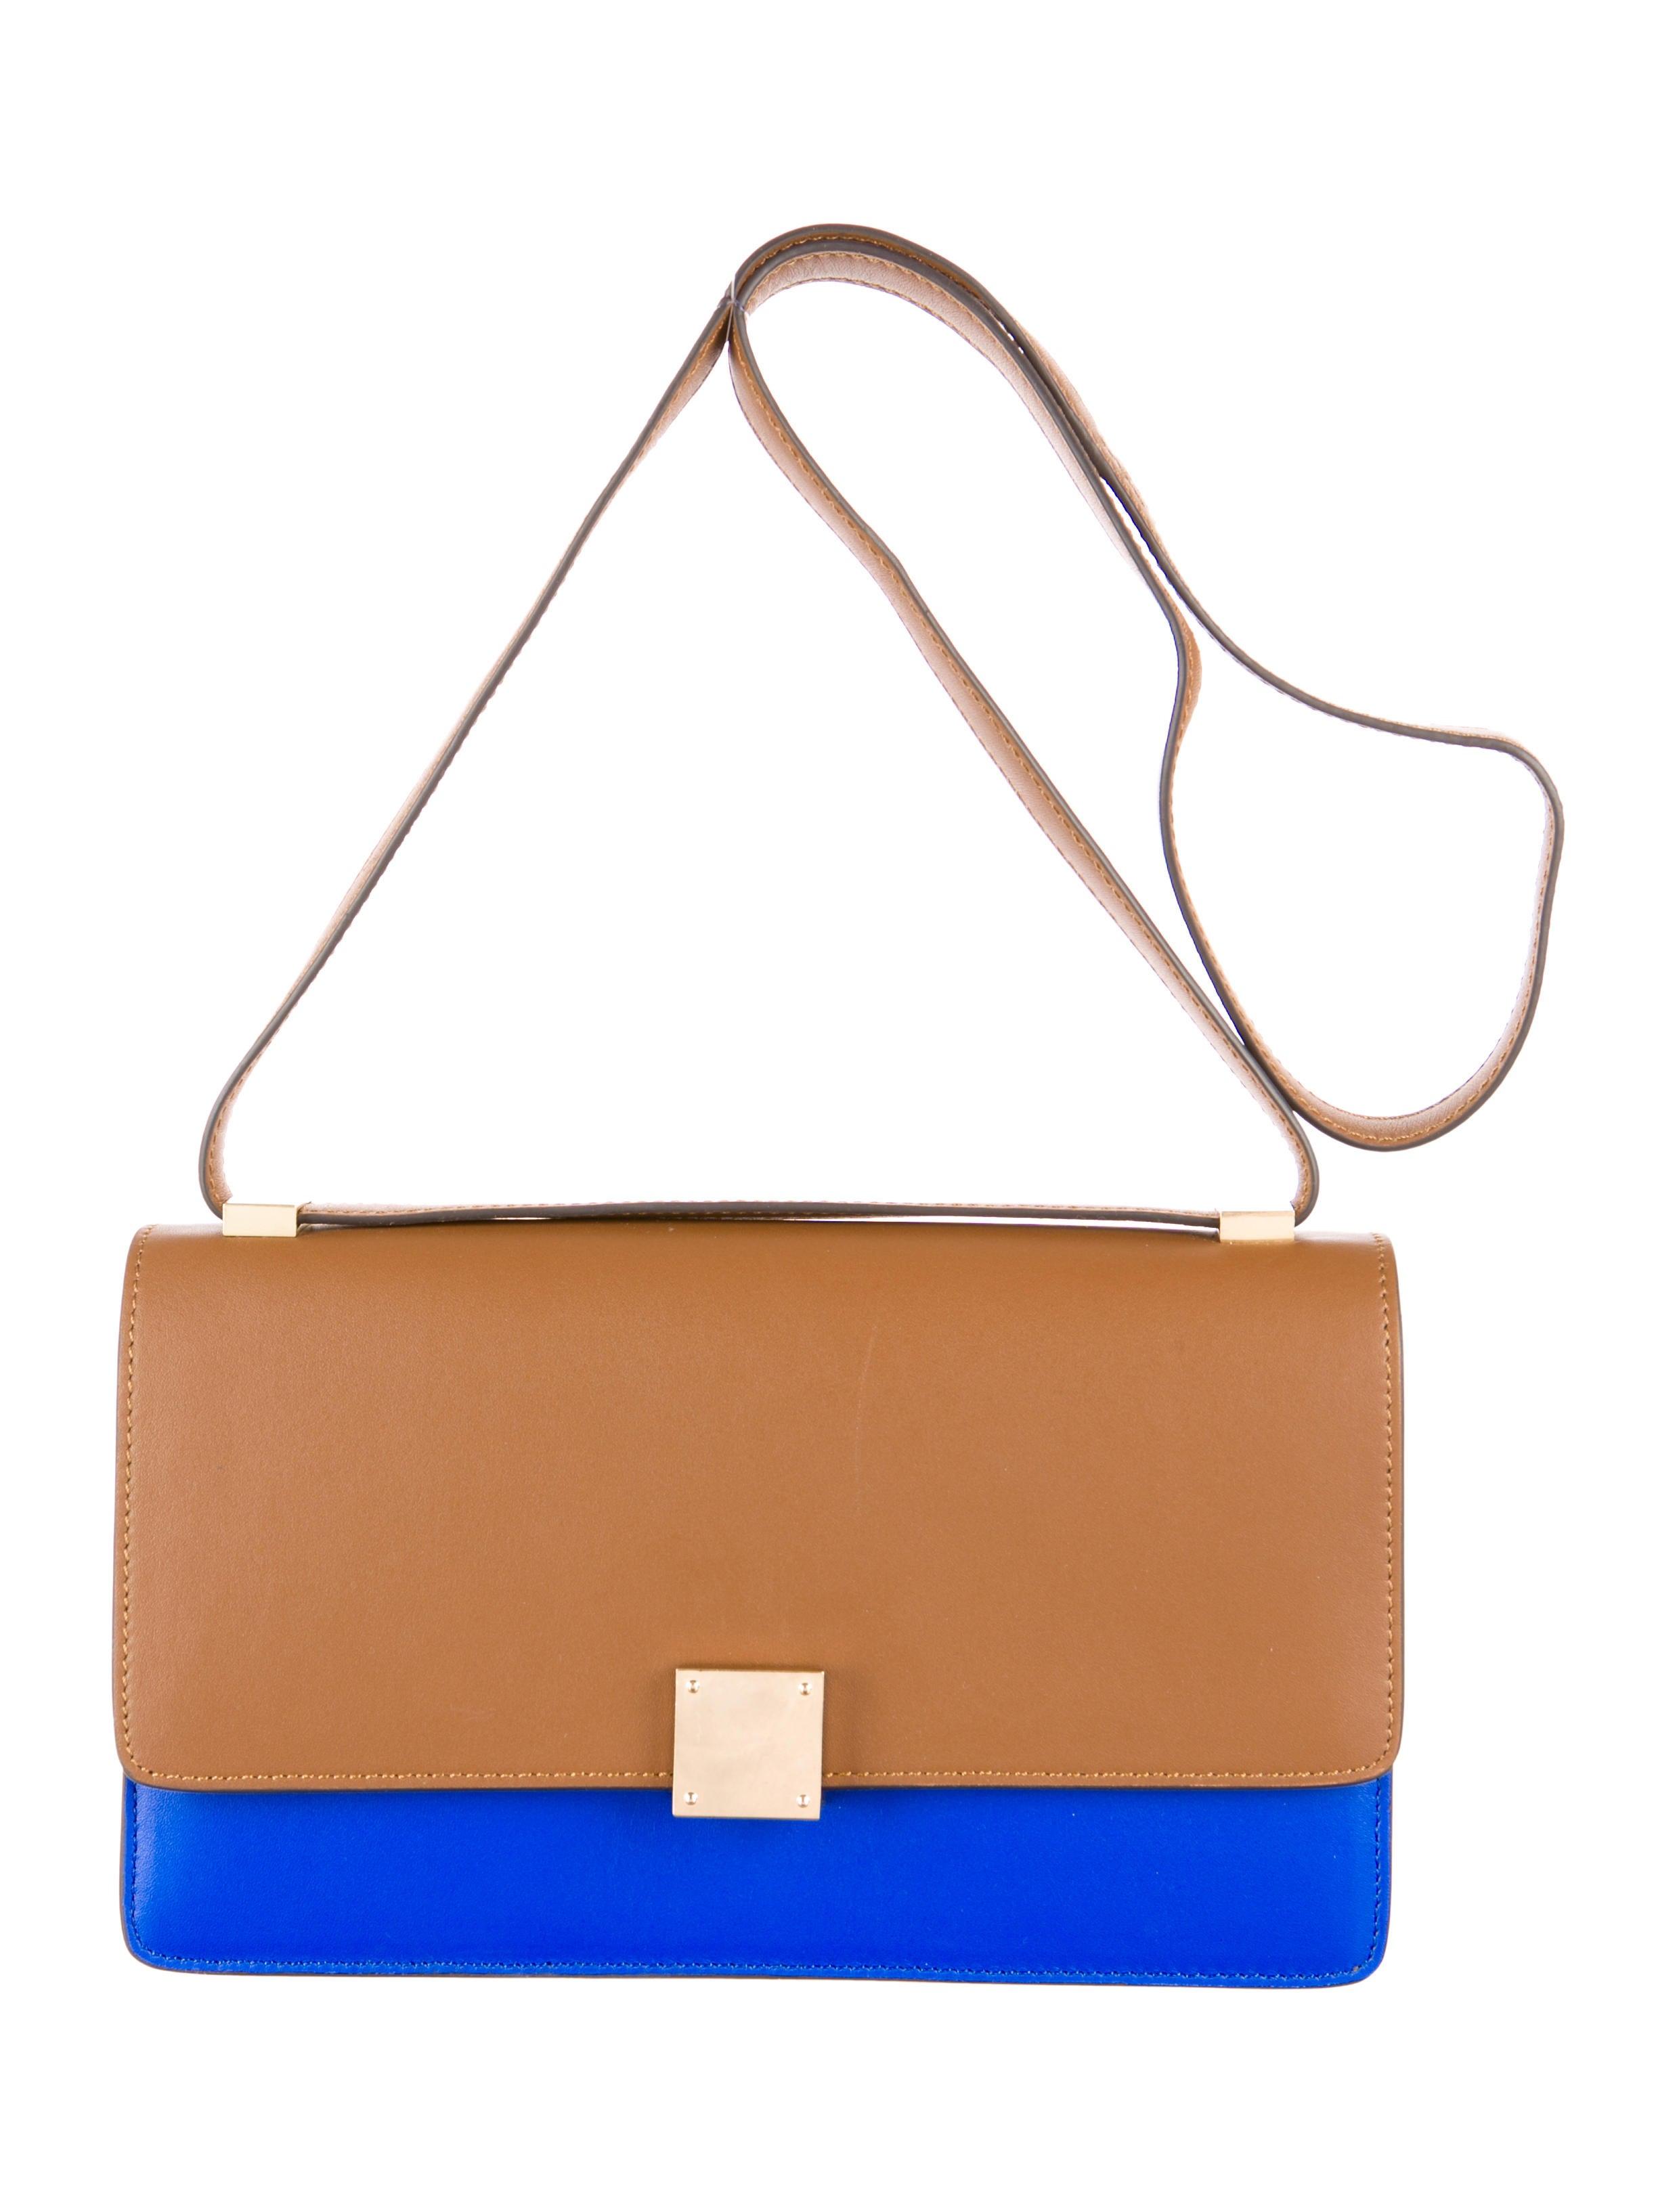 C¨¦line Bicolor Medium Case Bag - Handbags - CEL27284 | The RealReal